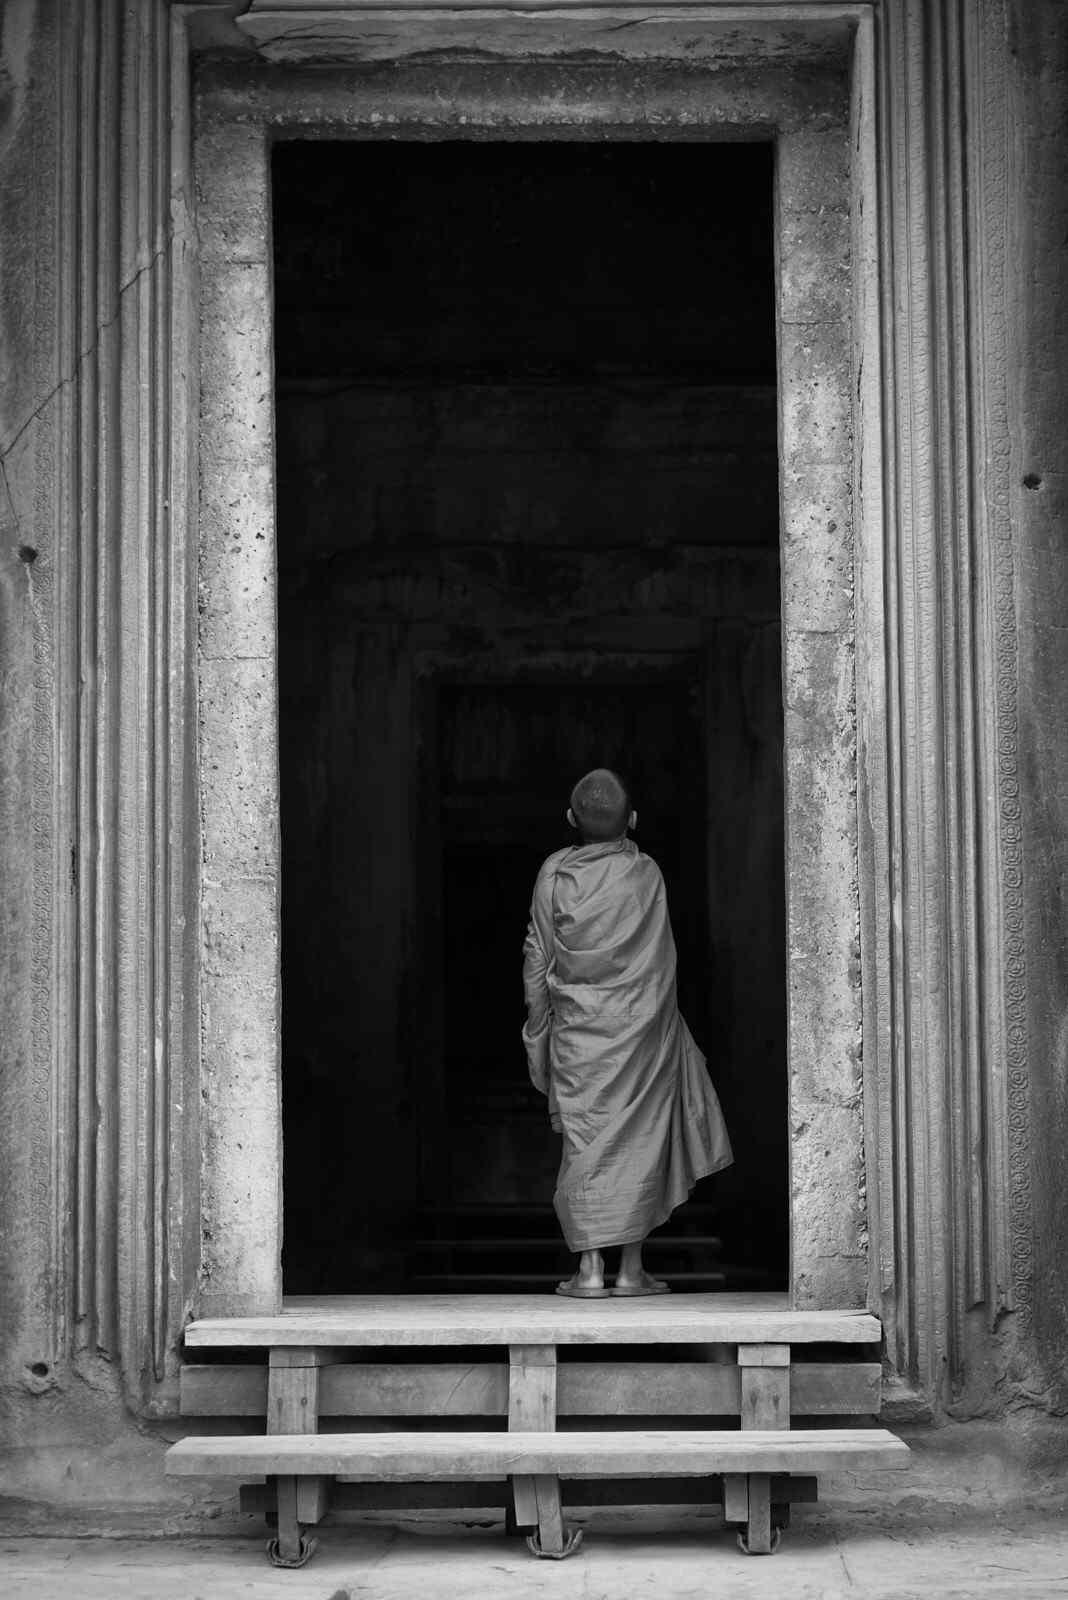 吴哥建筑和僧人神秘意境手机壁纸